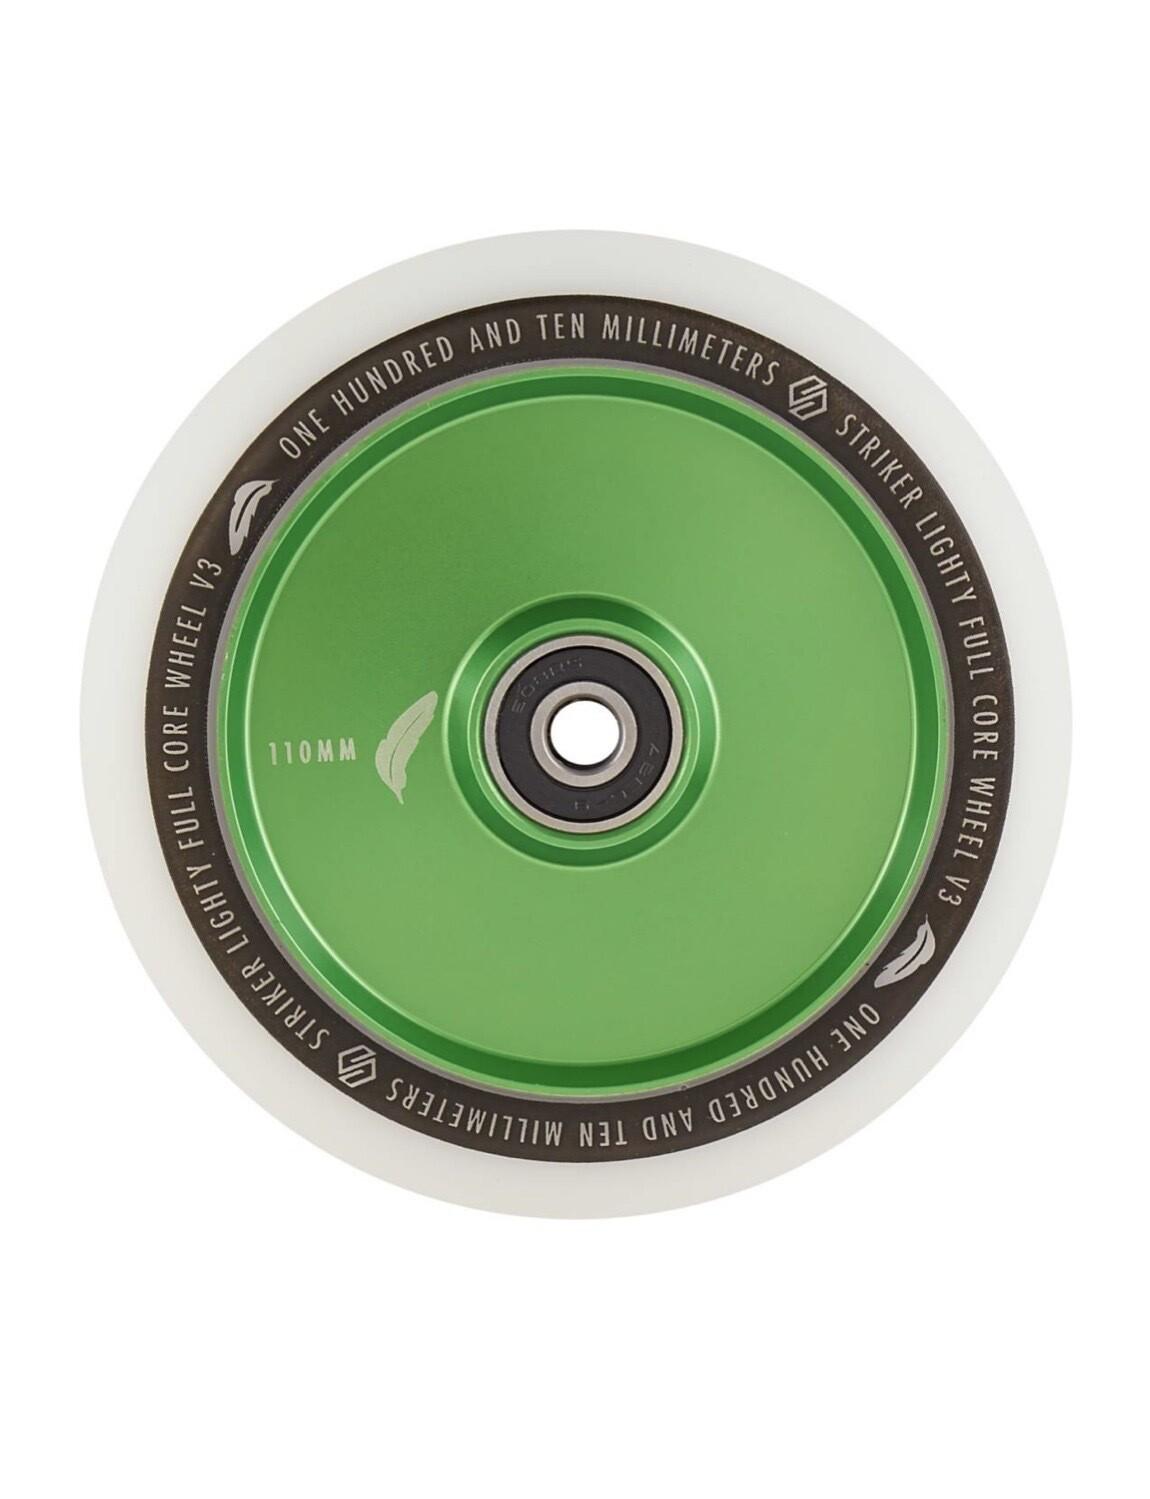 Striker Lighty Full Core V3 White Pro Scooter Wheel (Color: Green)